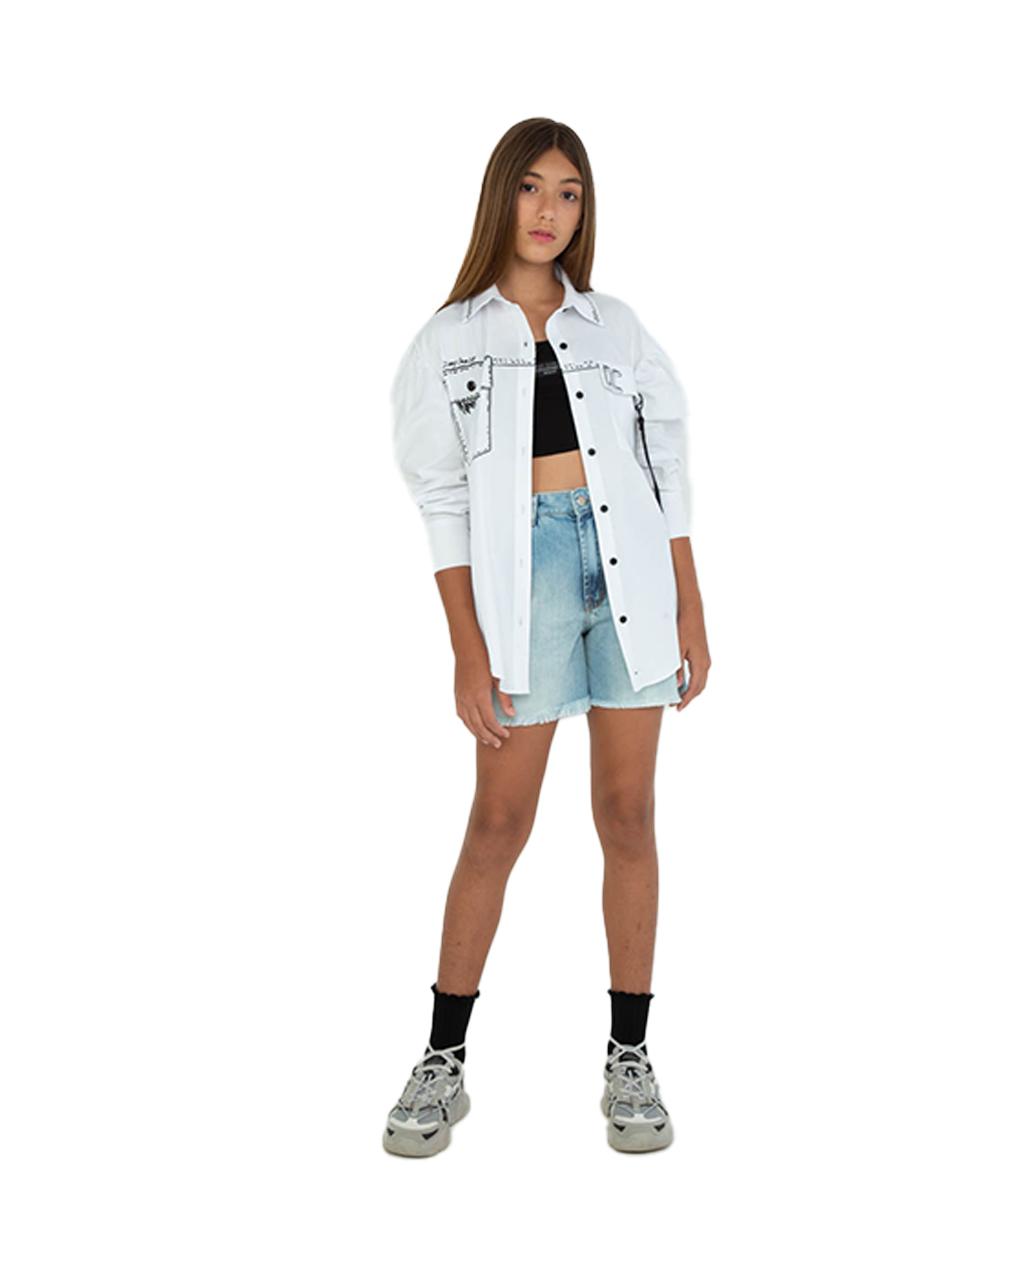 Camisa Teen Mullet com Detalhe de Chaveiro Off White Dimy Candy